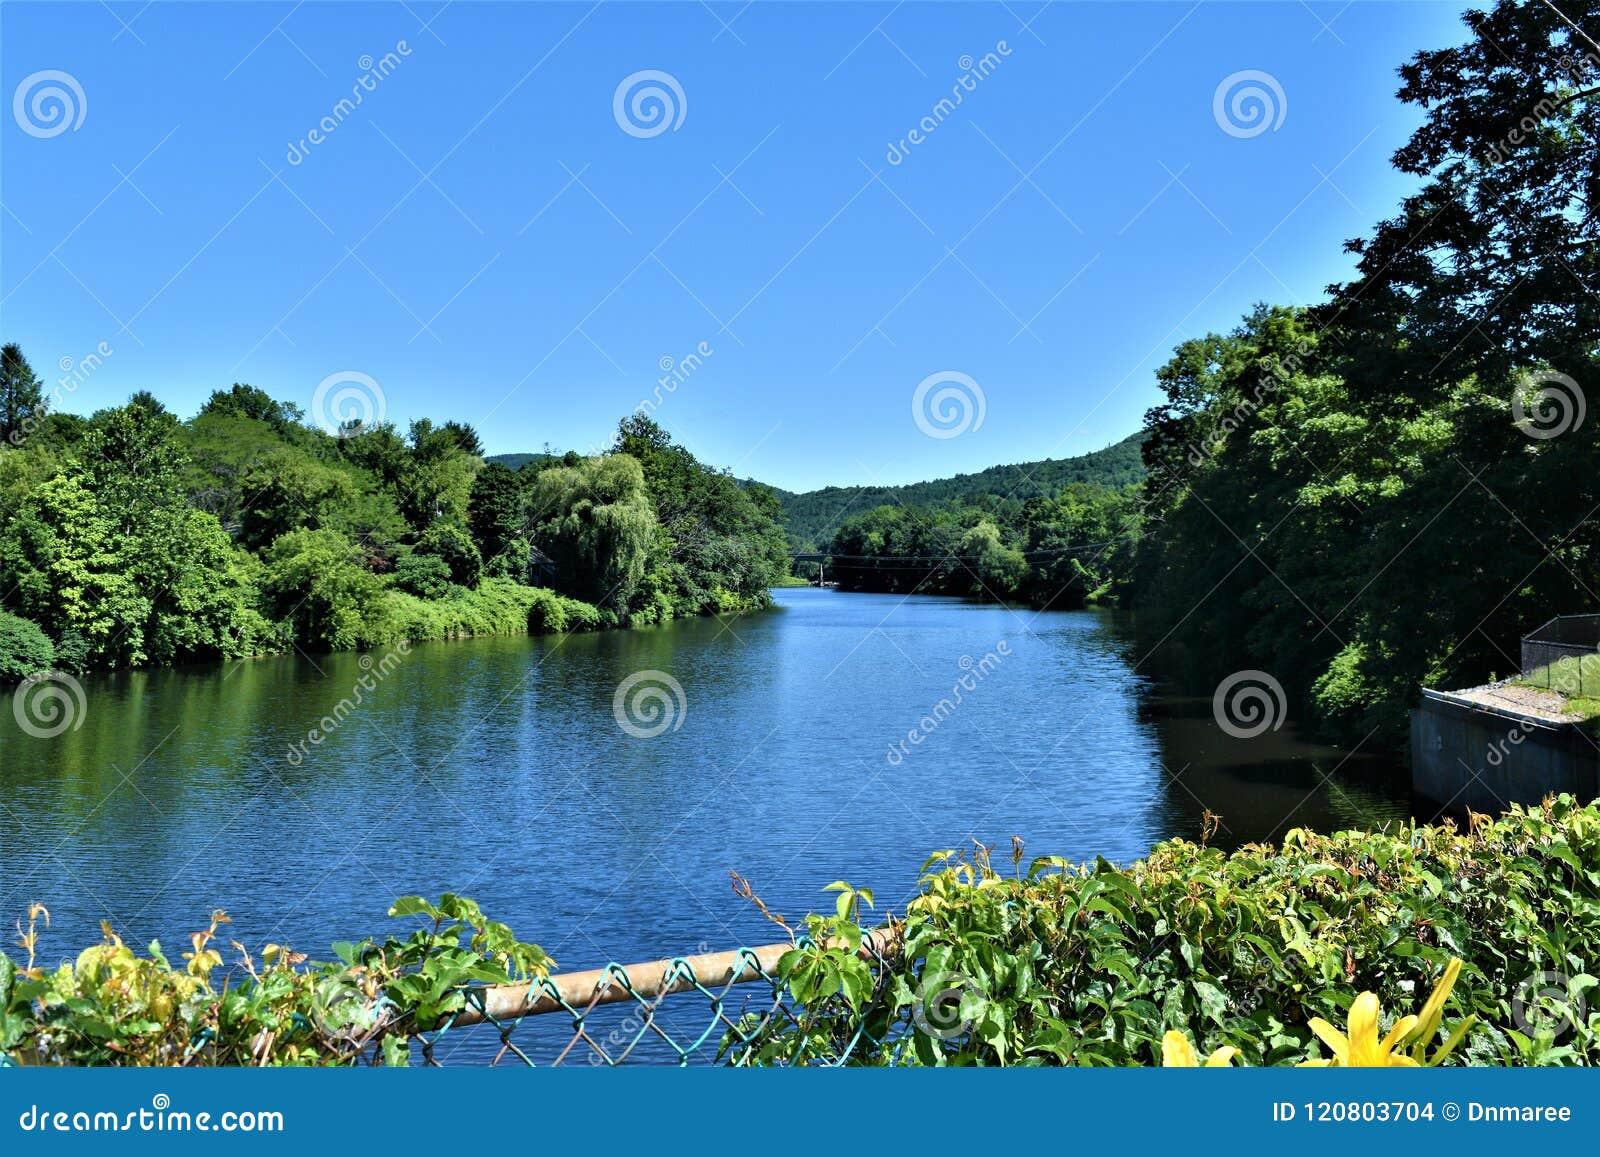 De mening van de Deerfieldrivier van Brug van Fowers, Shelburne valt, Franklin County, Massacusetts, Verenigde Staten, de V.S.